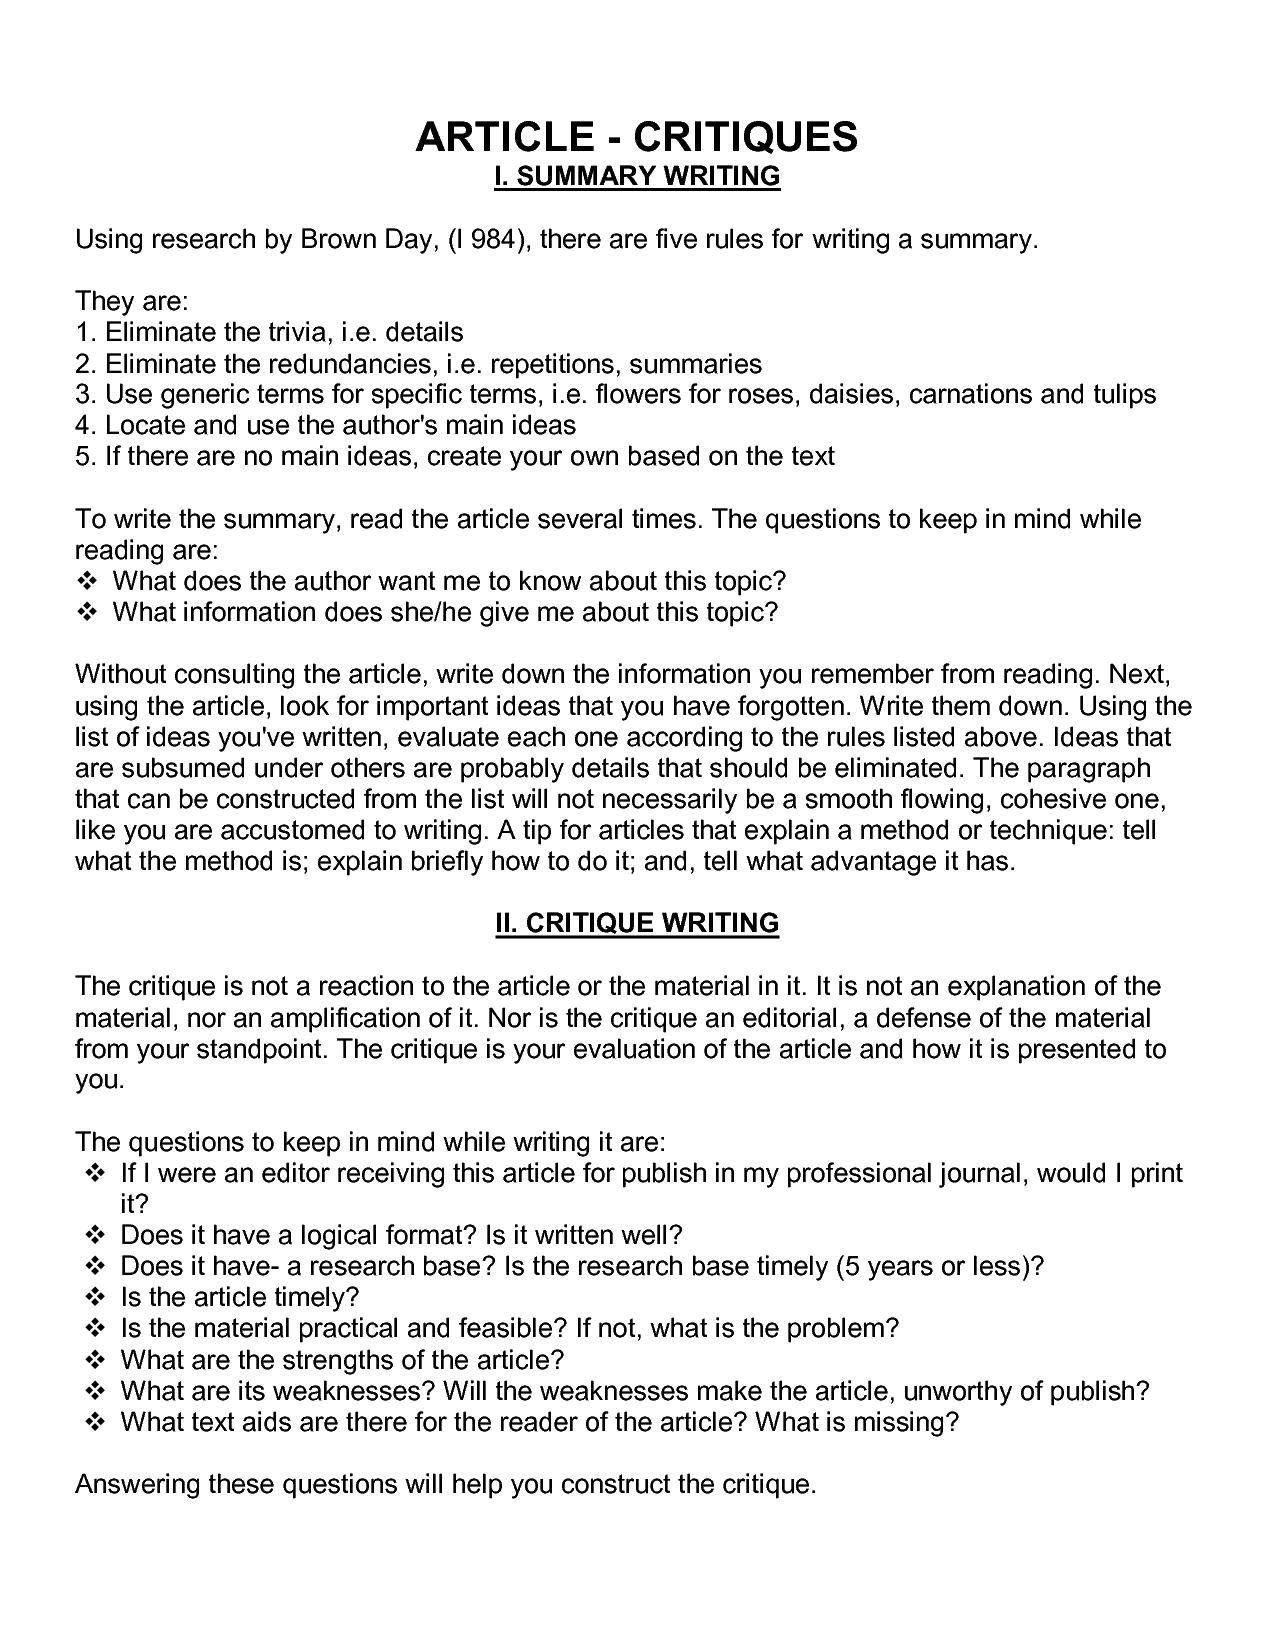 How to write a film critique essay